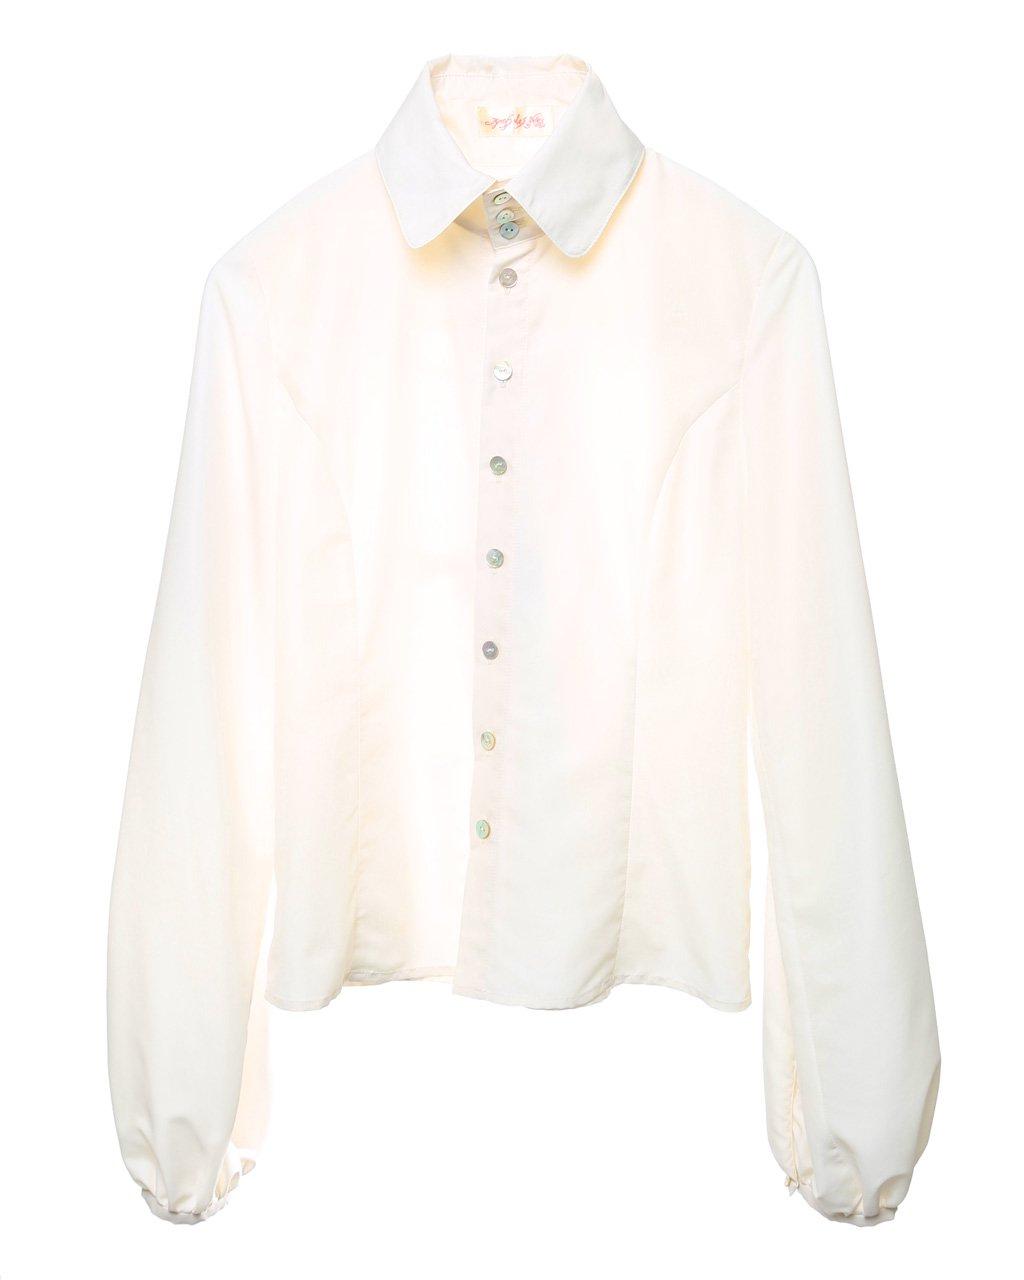 [ご予約]Balloon shirt (white)[8月お届け]